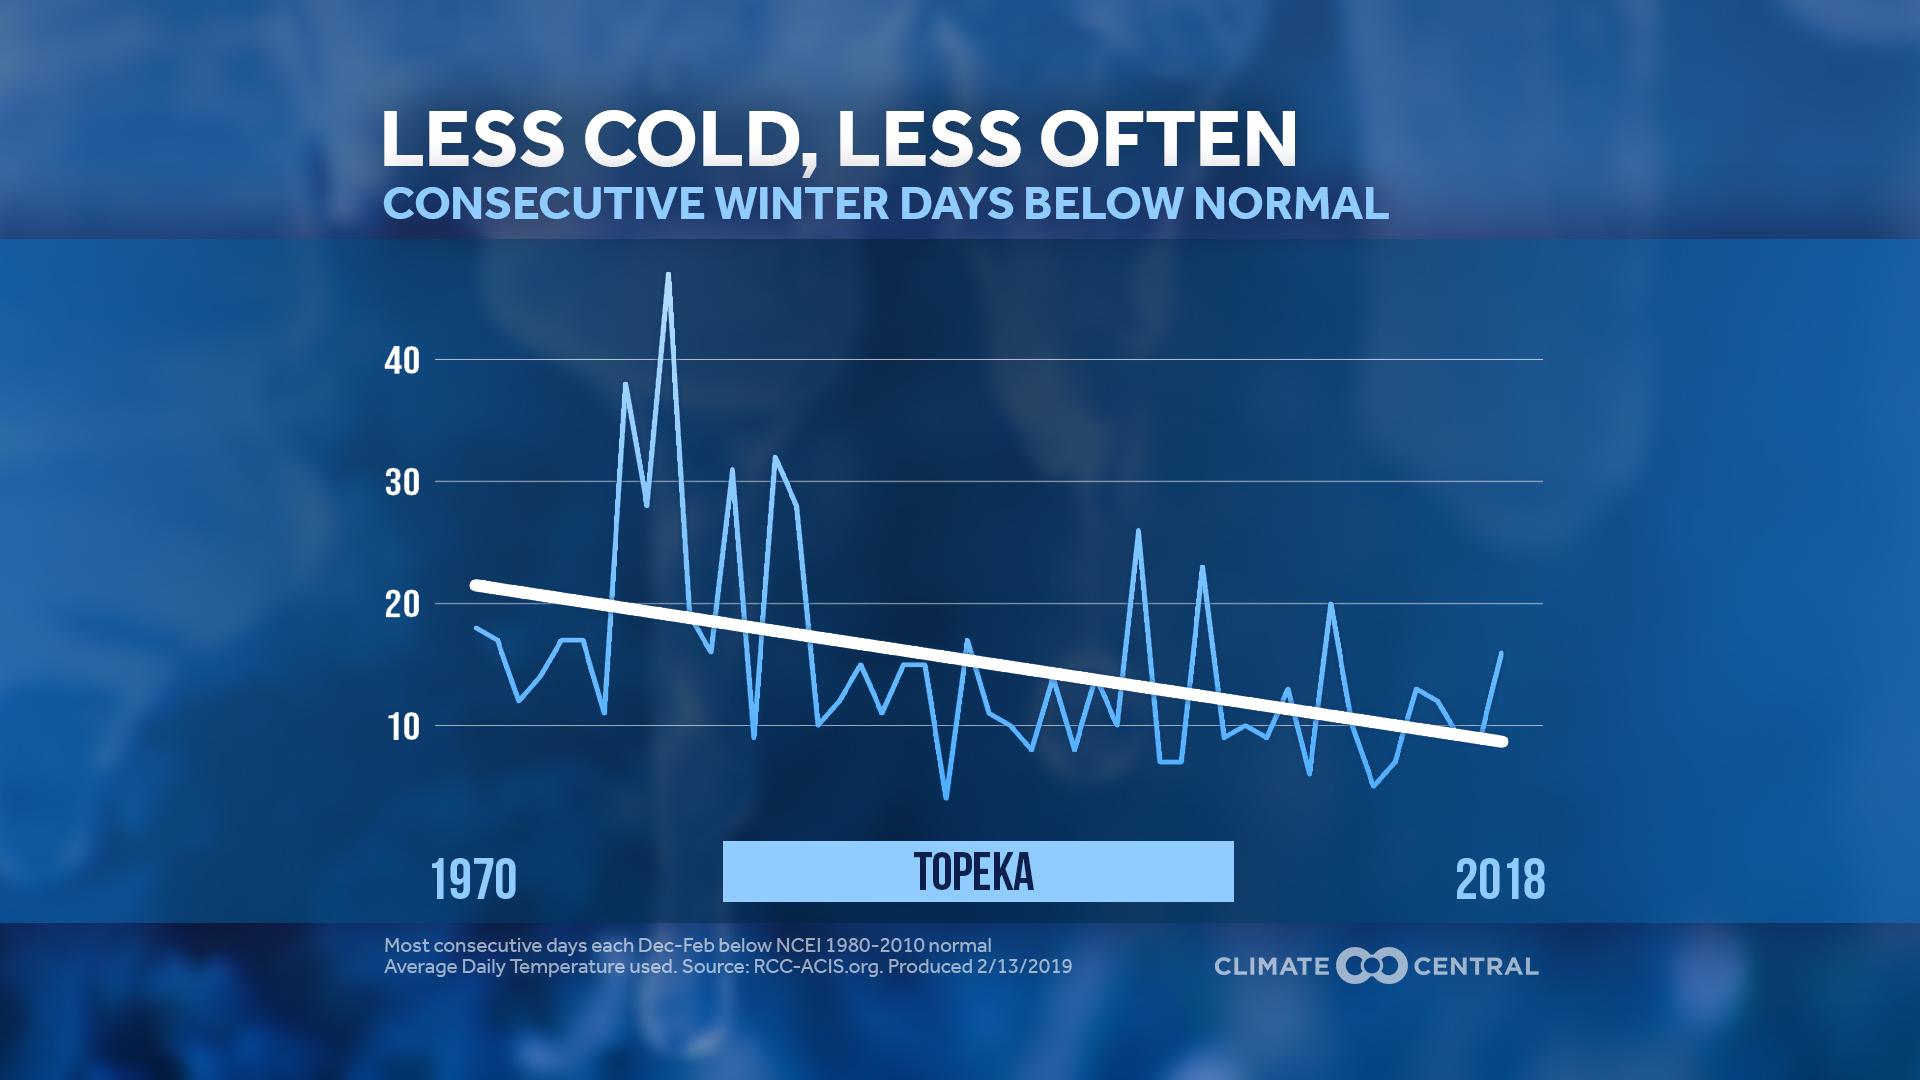 shorter cold spells